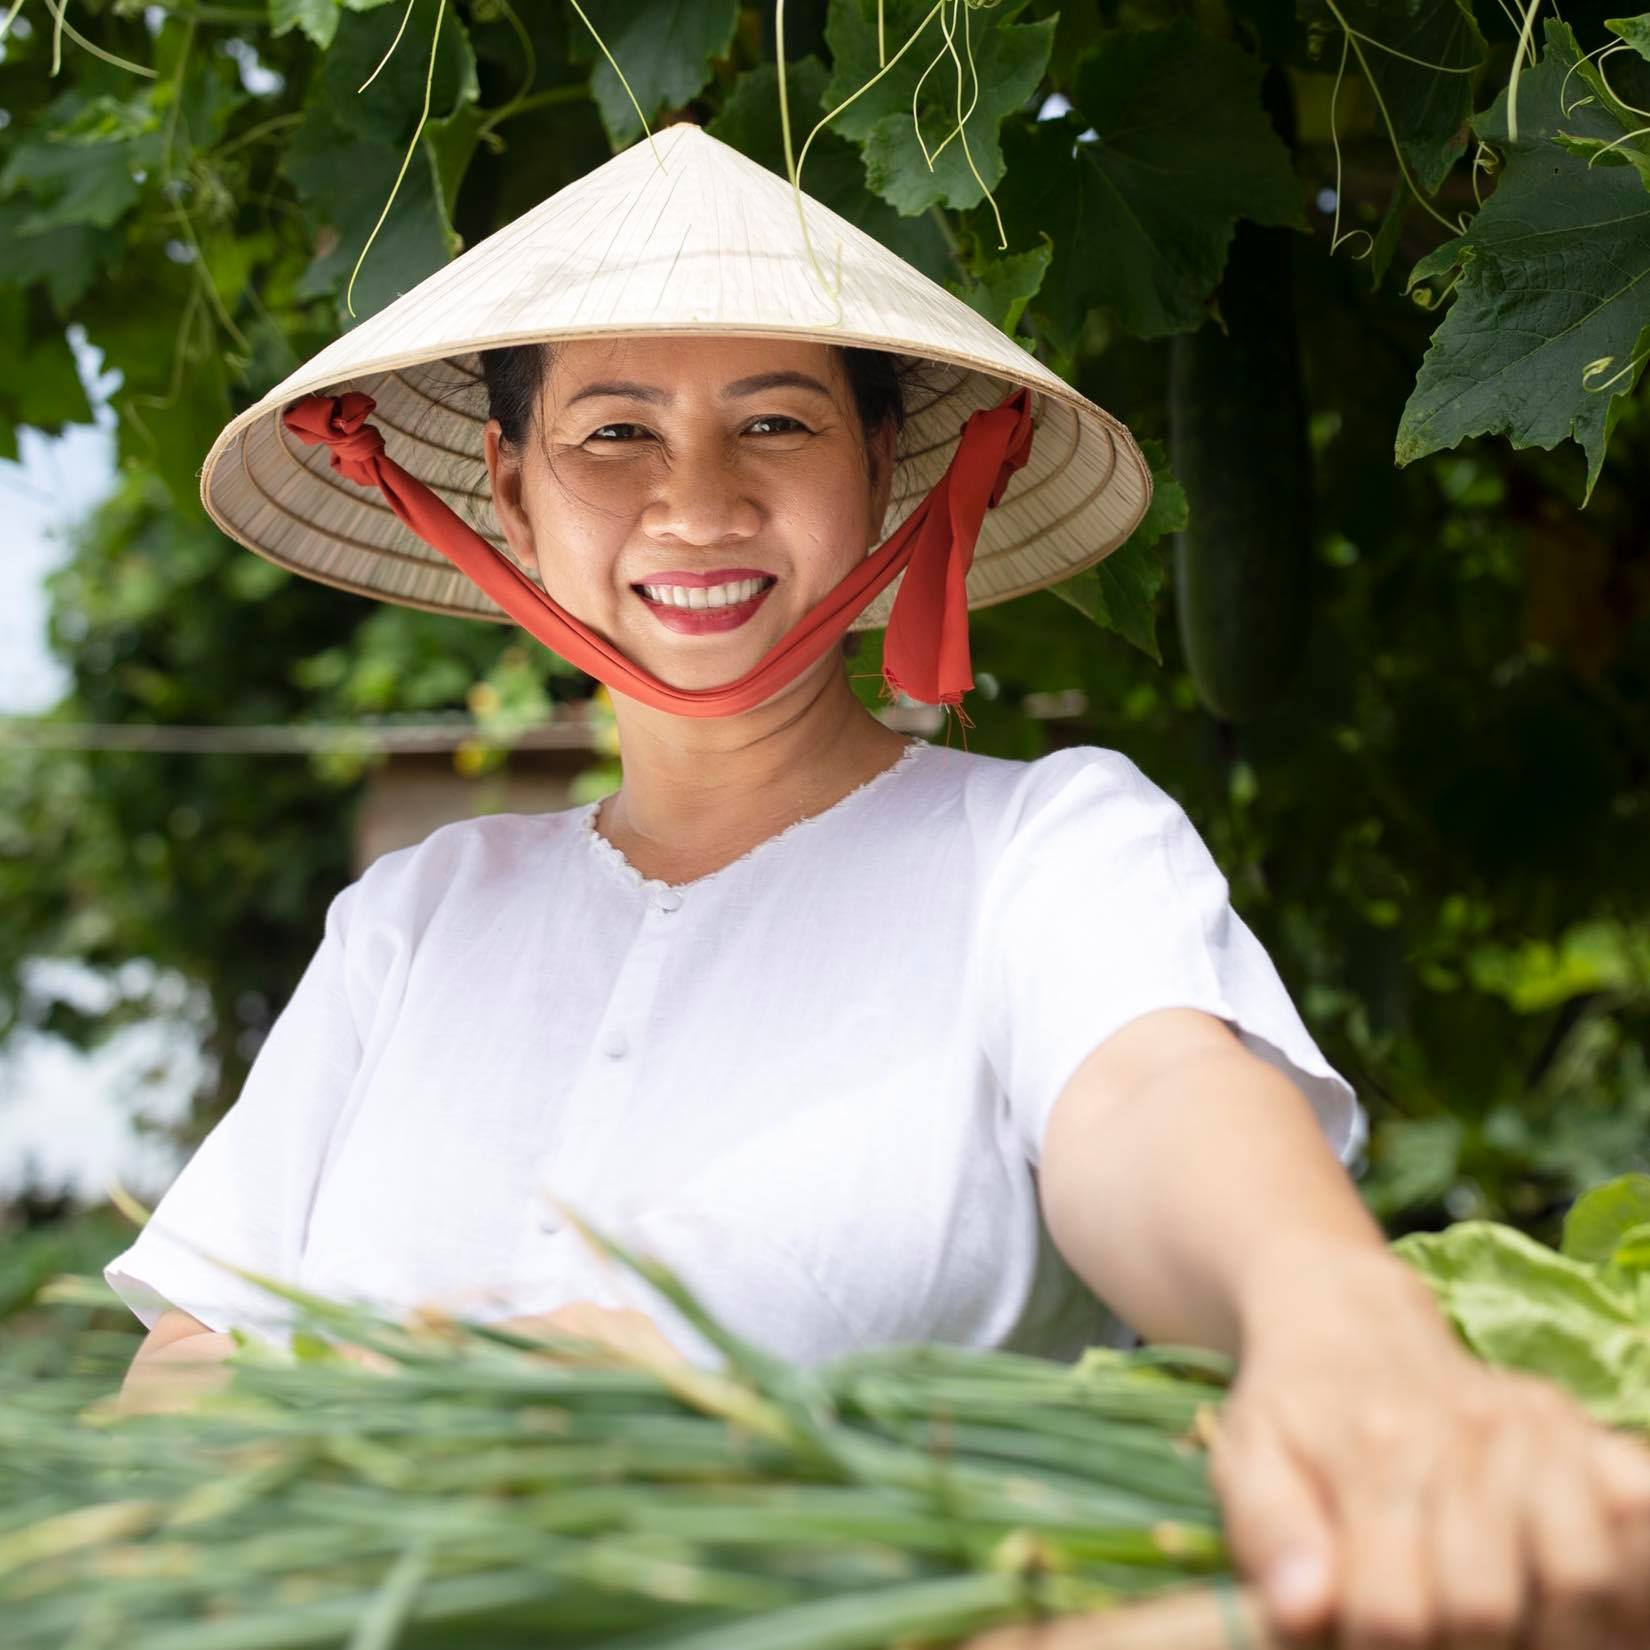 Nhiều bà mẹ nổi tiếng đứng lên kêu gọi quyên góp giúp đồng bào miền Trung: Siêu mẫu Hà Anh ủng hộ xây nhà chống lũ, bà Tân Vlog cũng gửi 50 triệu đồng qua ca sĩ Thủy Tiên - Ảnh 5.